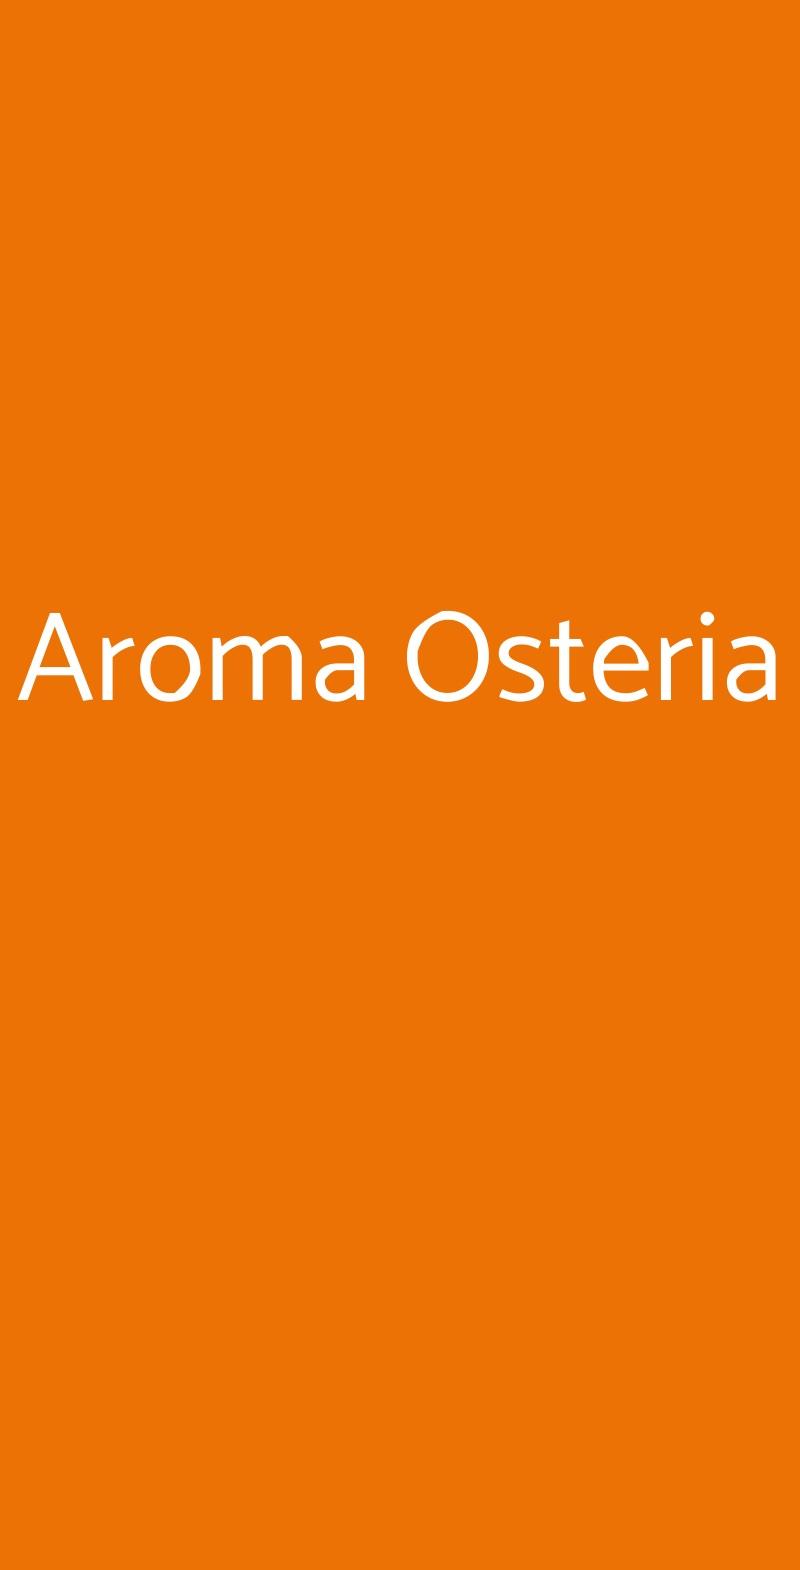 Aroma Osteria Roma menù 1 pagina